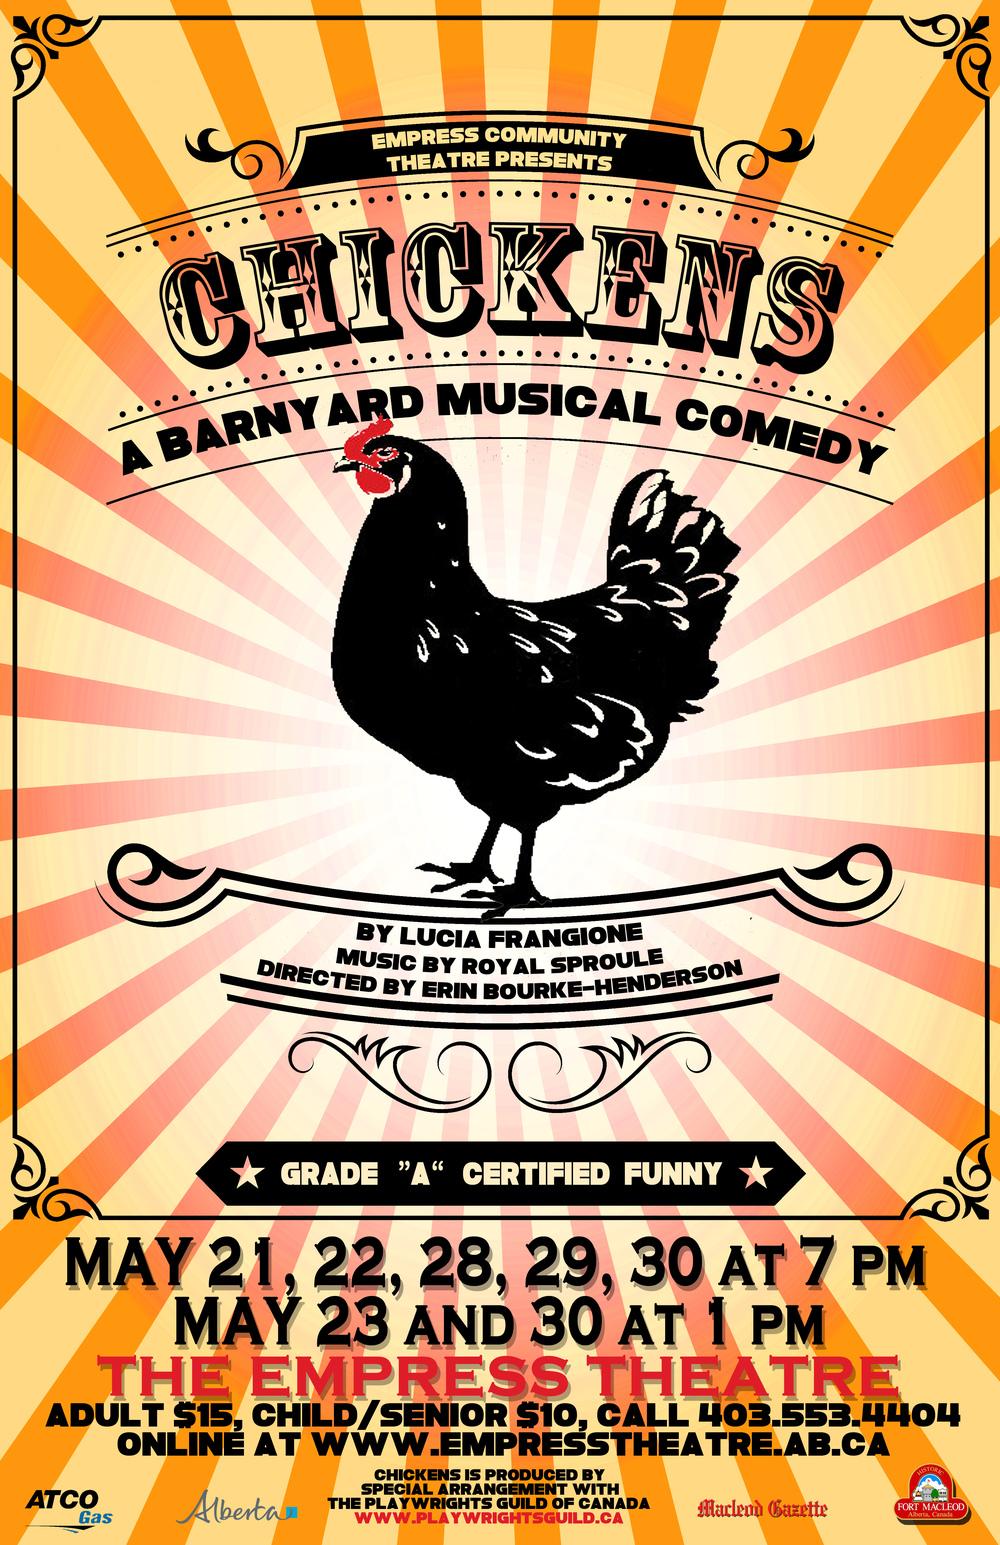 ChickensPoster.jpg